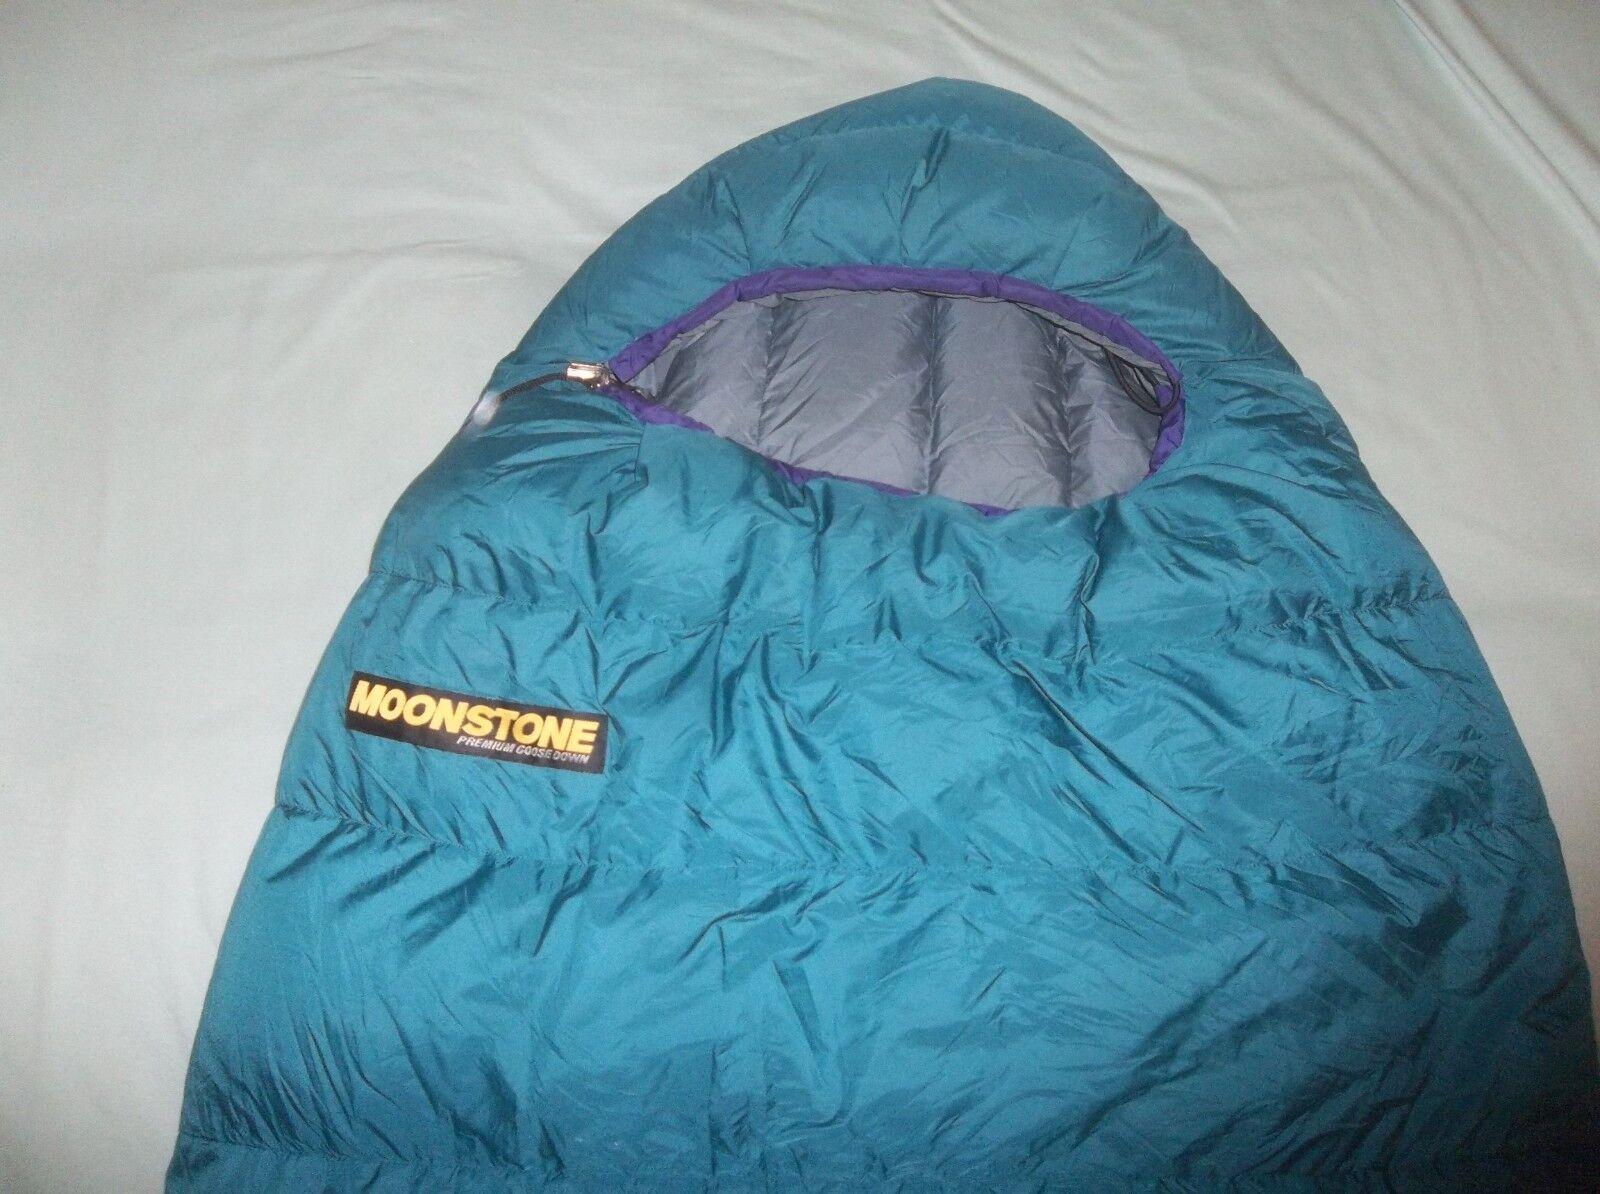 Piedra Lunar Muir Trail regular Ganso 30F 800fp Bolsa De Dormir Vintage Suave verde azulado